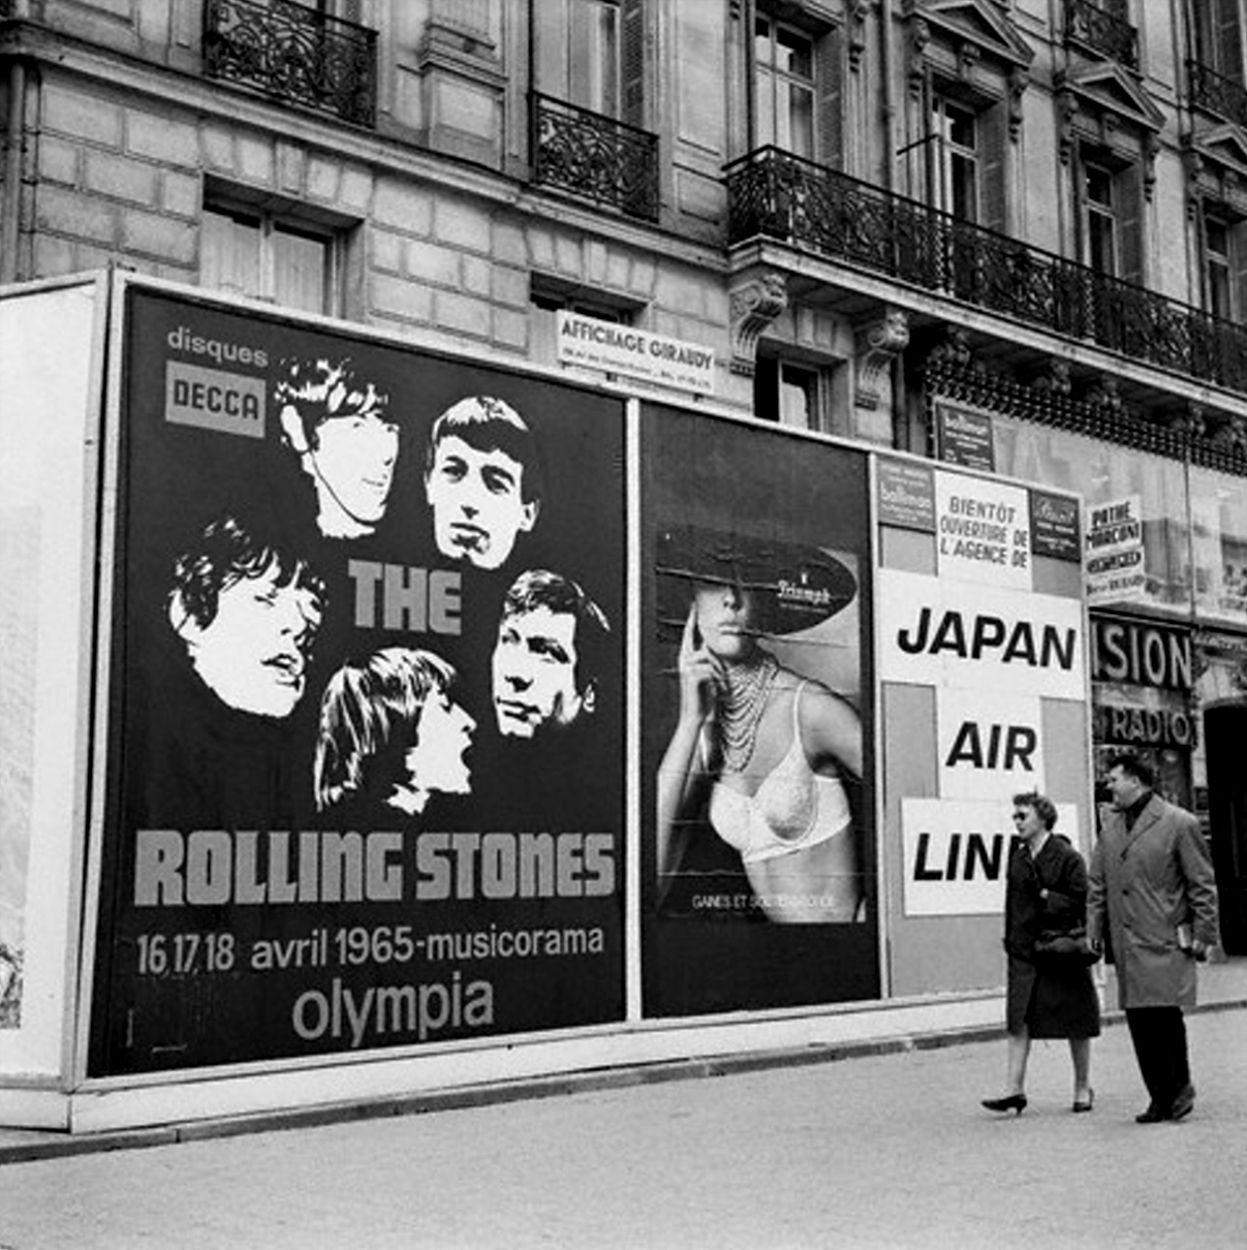 Bildergebnis für fotos von rolling stones im billboard